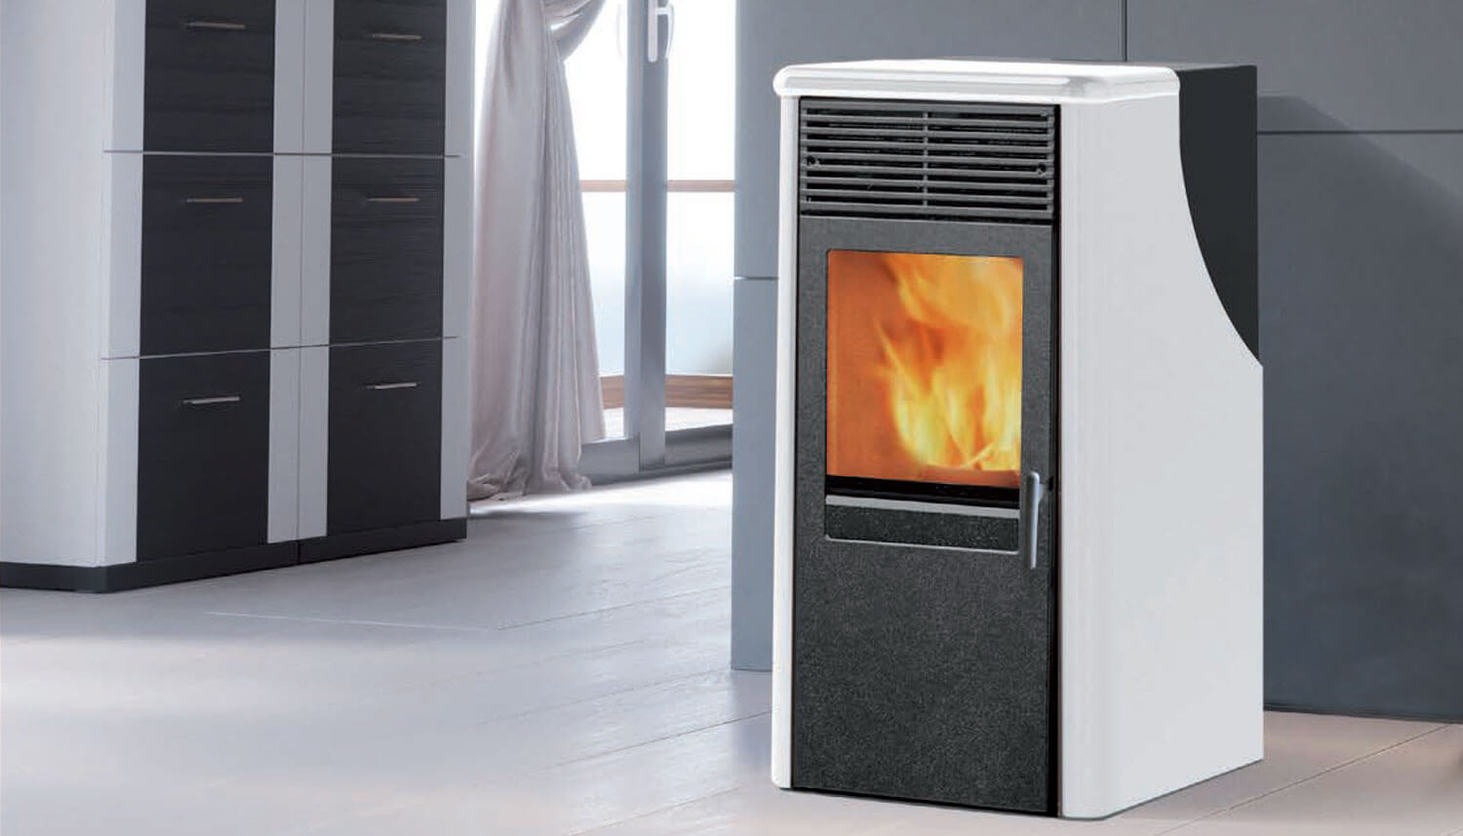 Stufe A Pellet Installazione Esterna stufe a pellet per termosifoni | climamarket